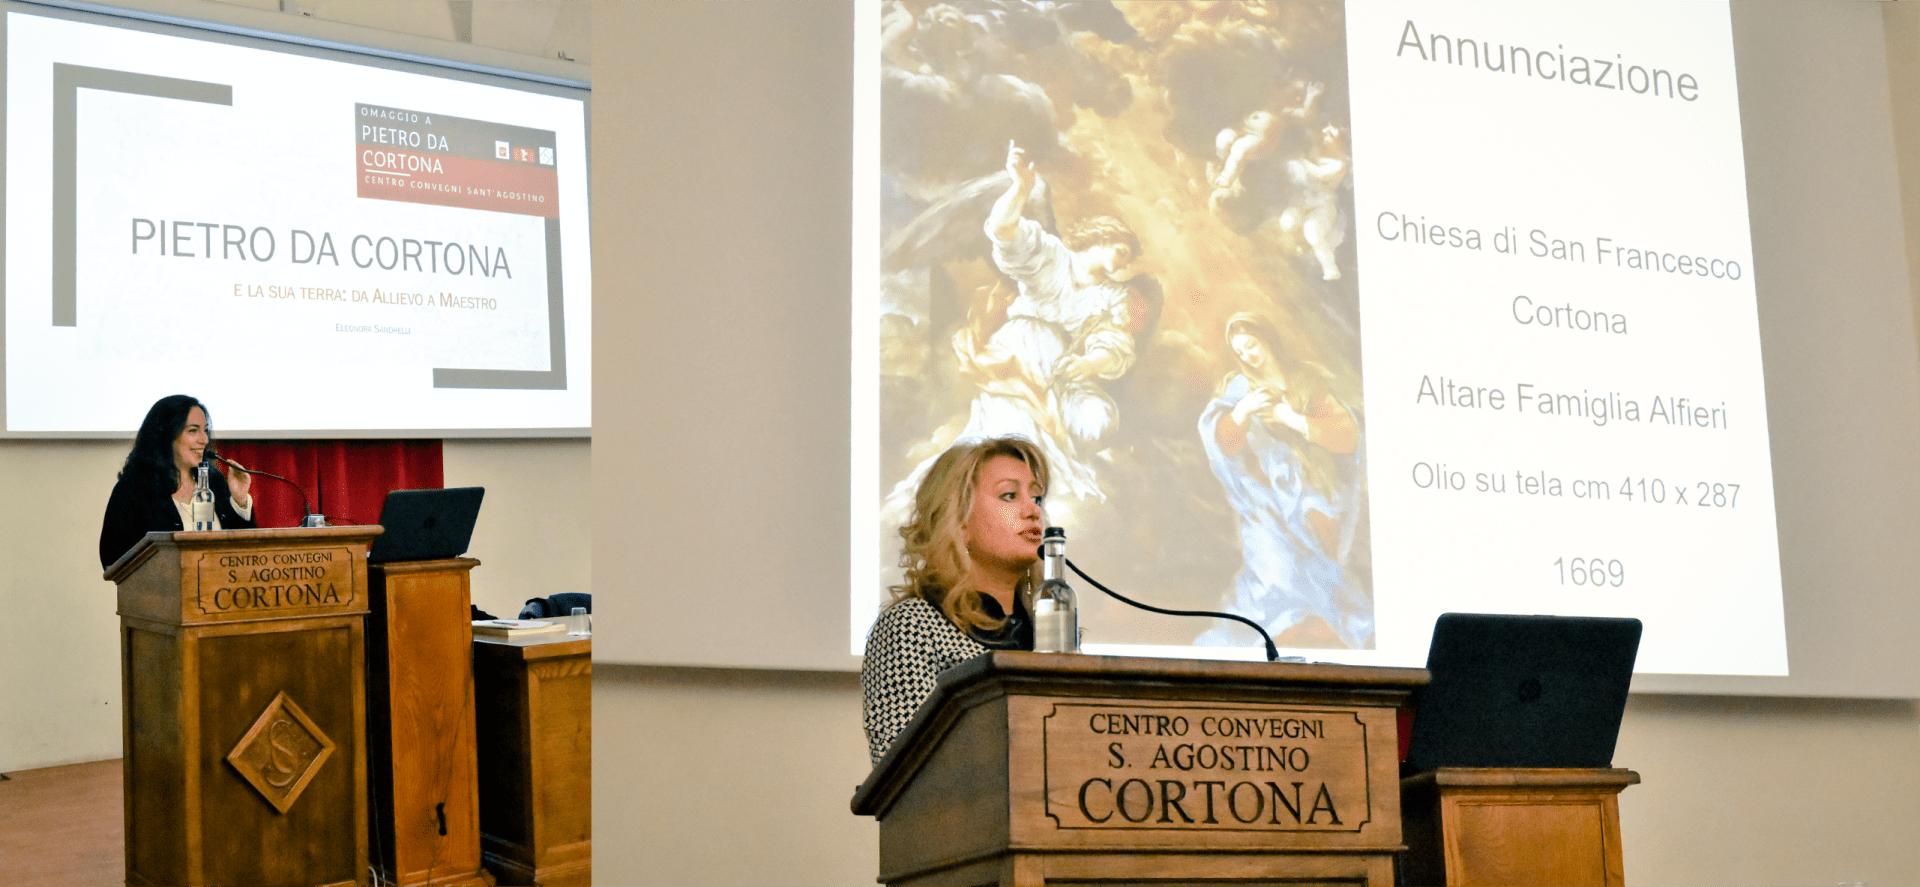 Pietro da Cortona: gli interventi della Dott.ssa Sandrelli e della Dott.ssa Bruni all'incontro di sabato 23 novembre presso il locali dell'ex convento di Sant'Agostino a Cortona